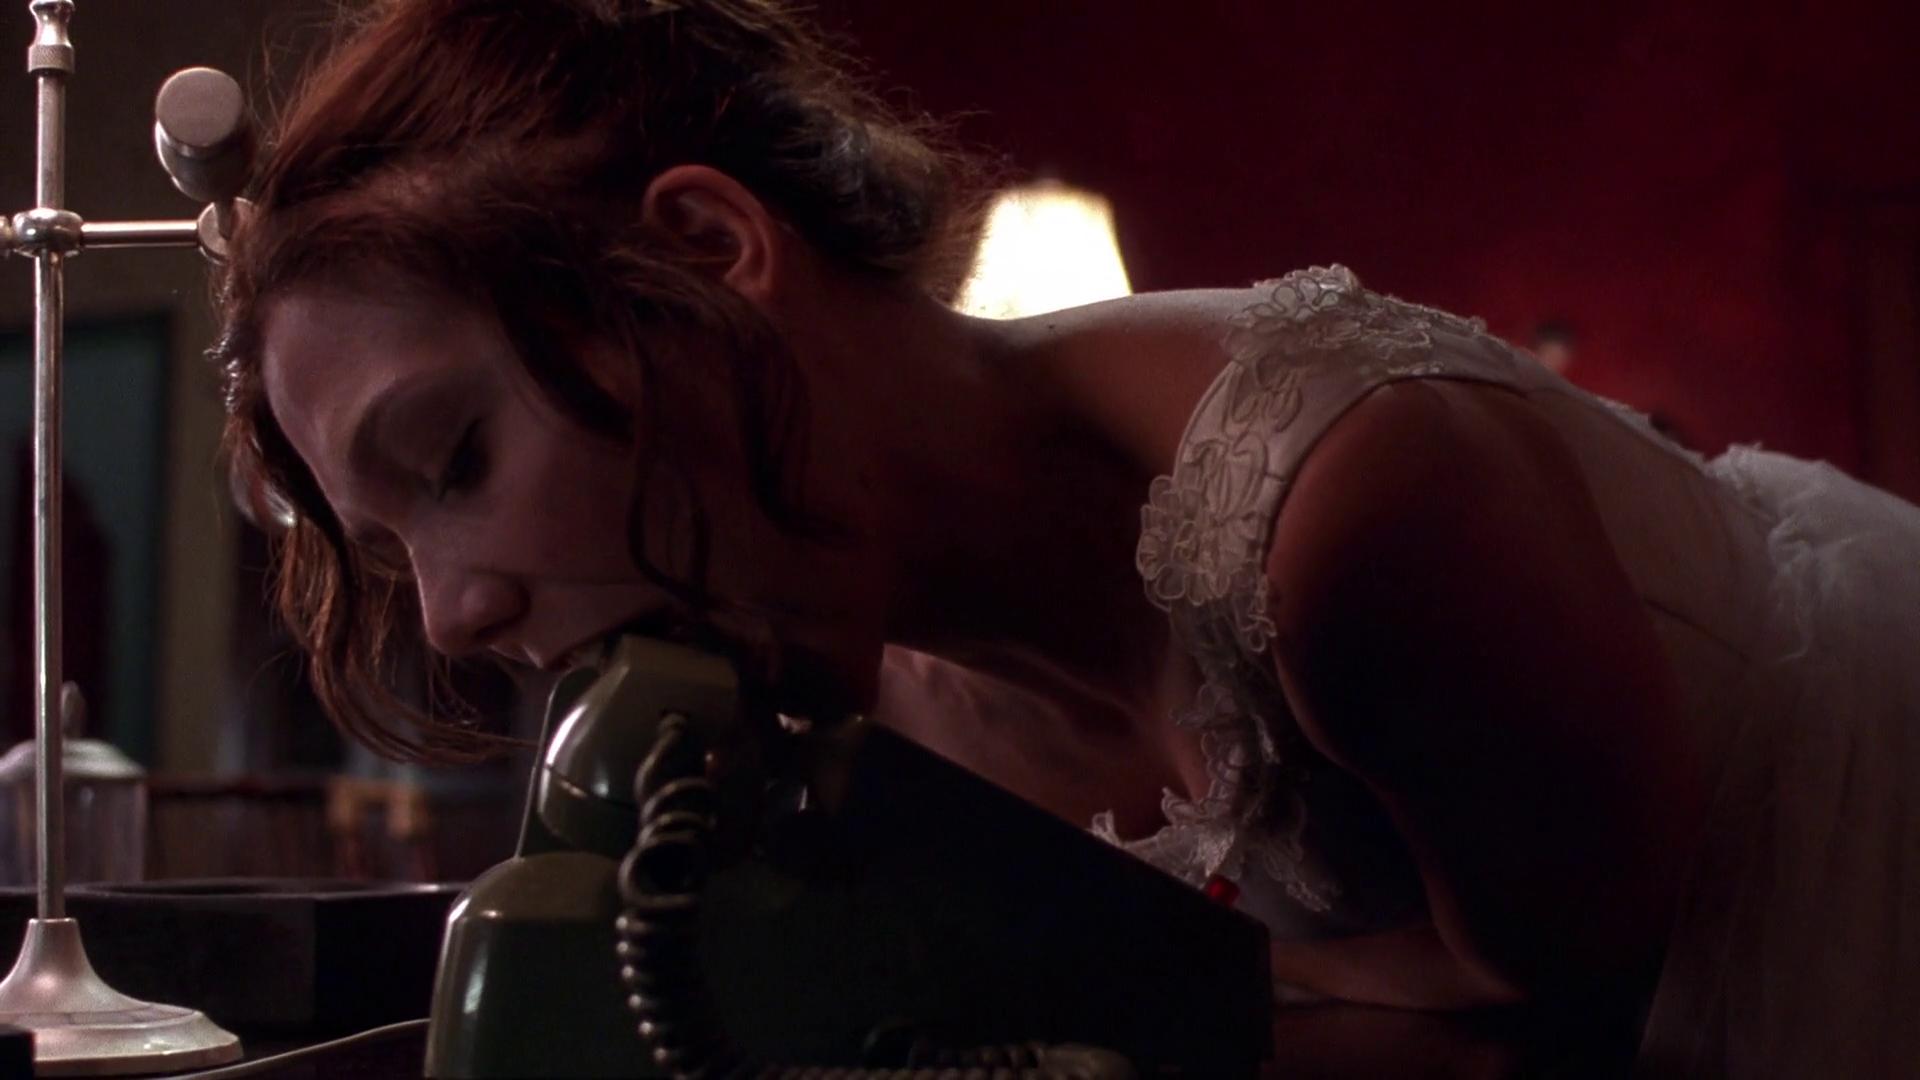 Смотреть эротический фильм секретарша, трахнул молодую подругу фото